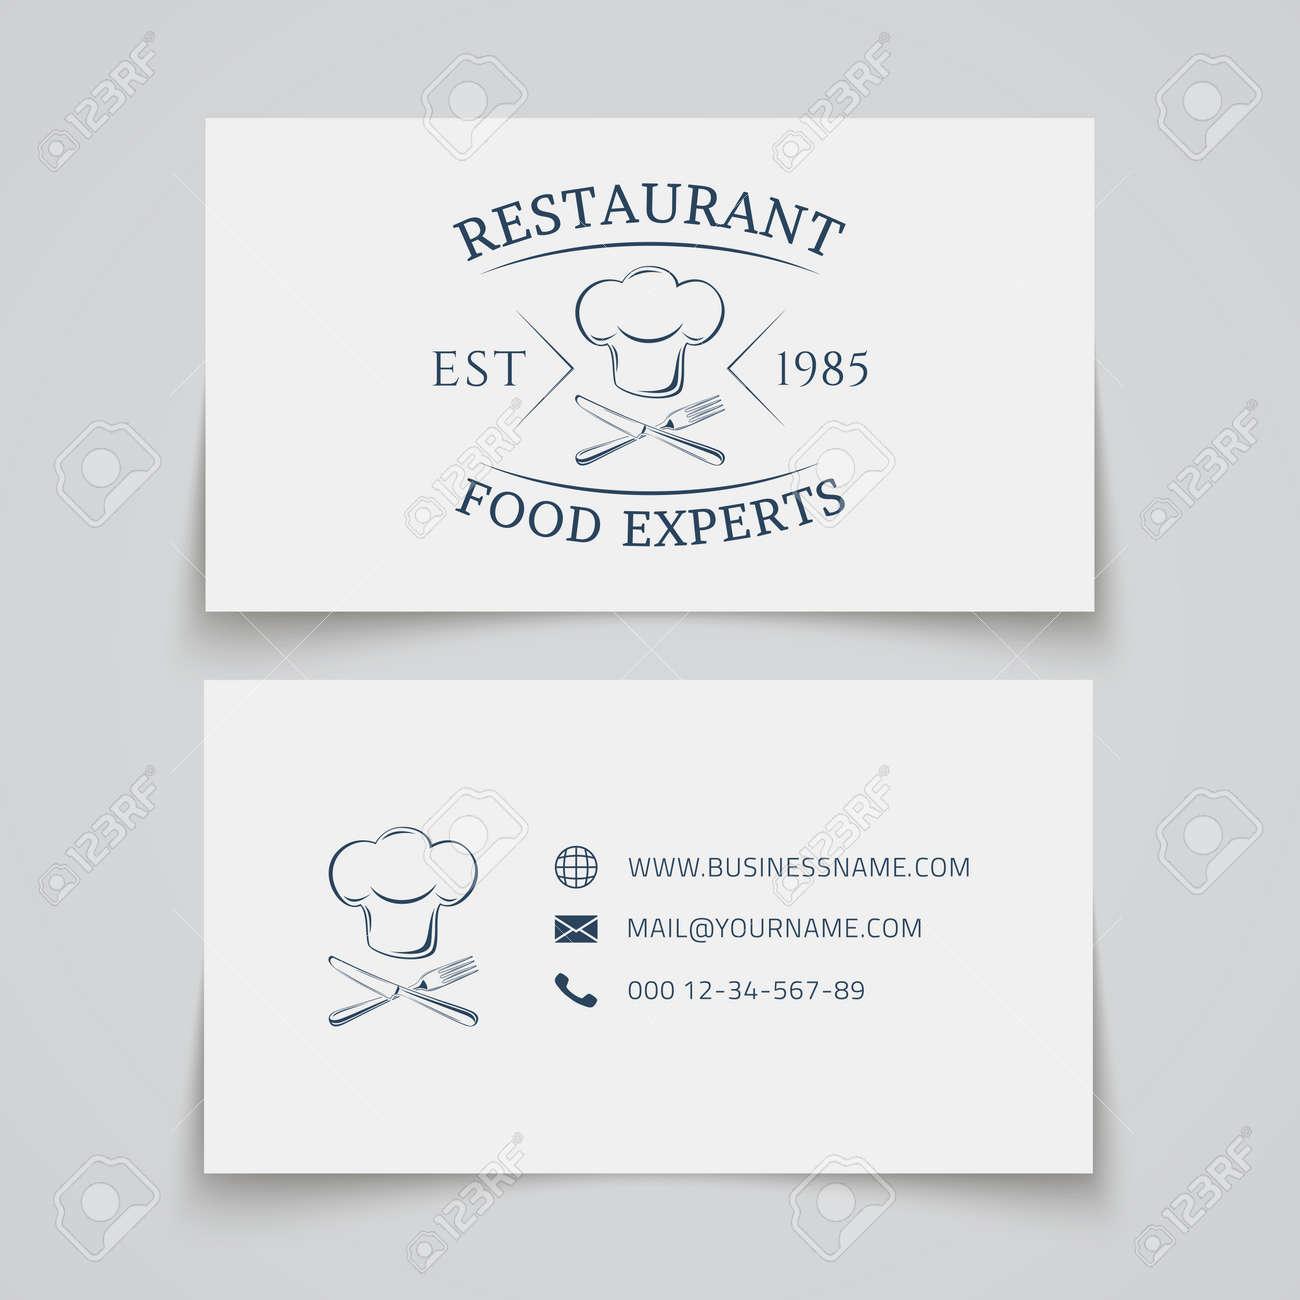 Modele De Carte Visite Avec Un Restaurant Cafe Bar Ou La